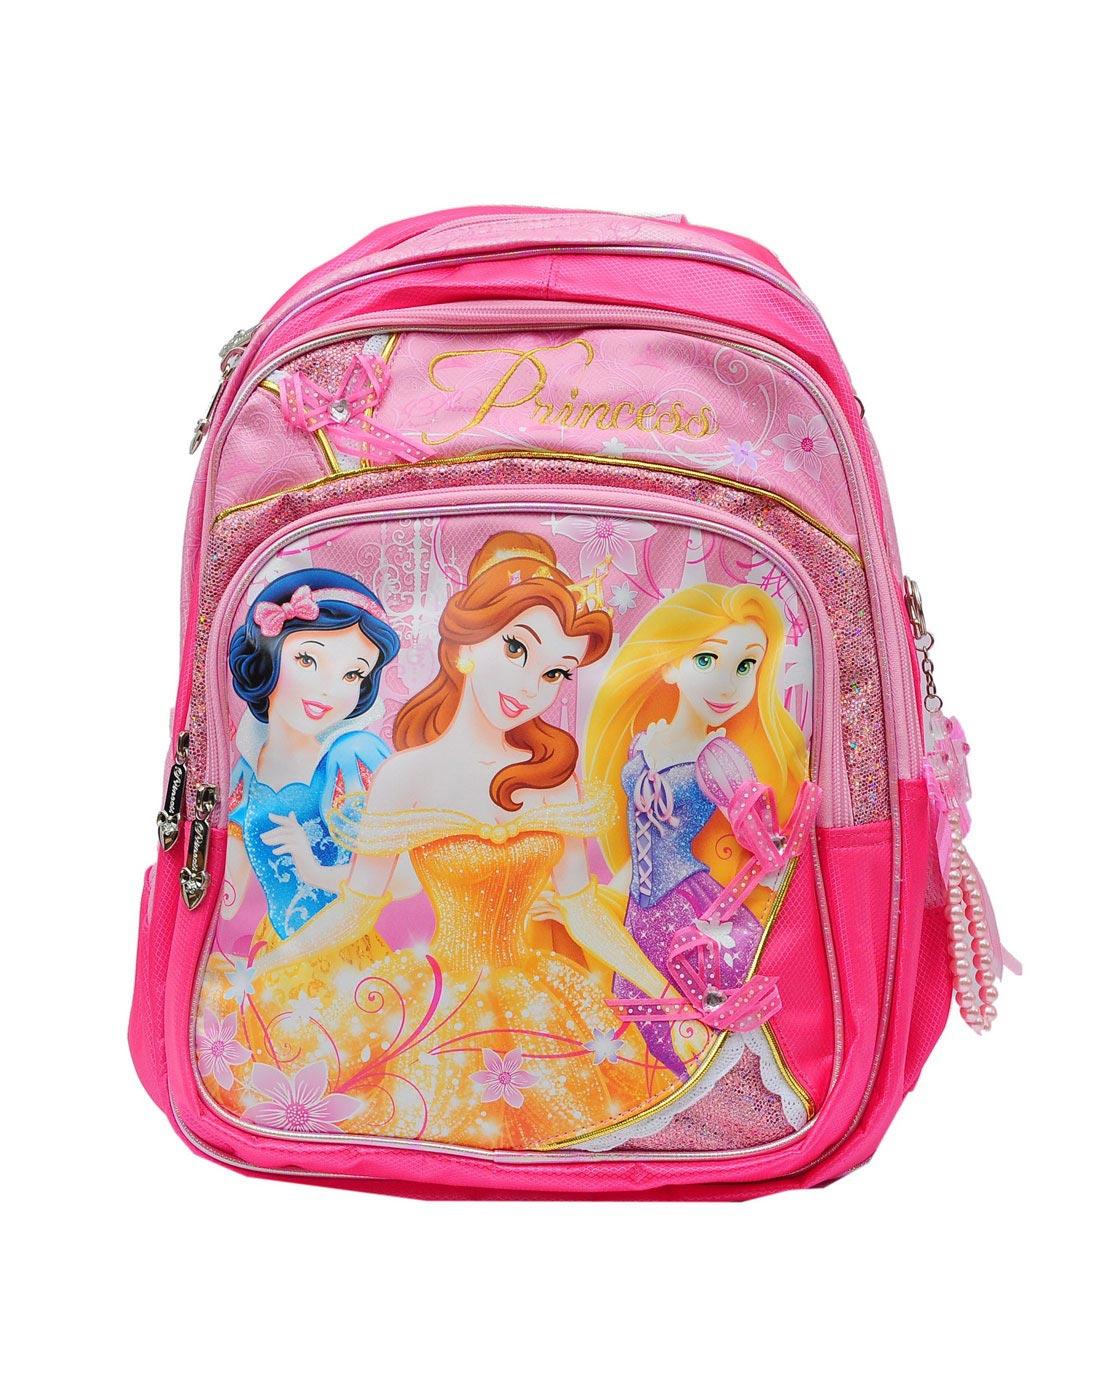 迪士尼disney儿童用品专场女童粉色40l公主学生书包